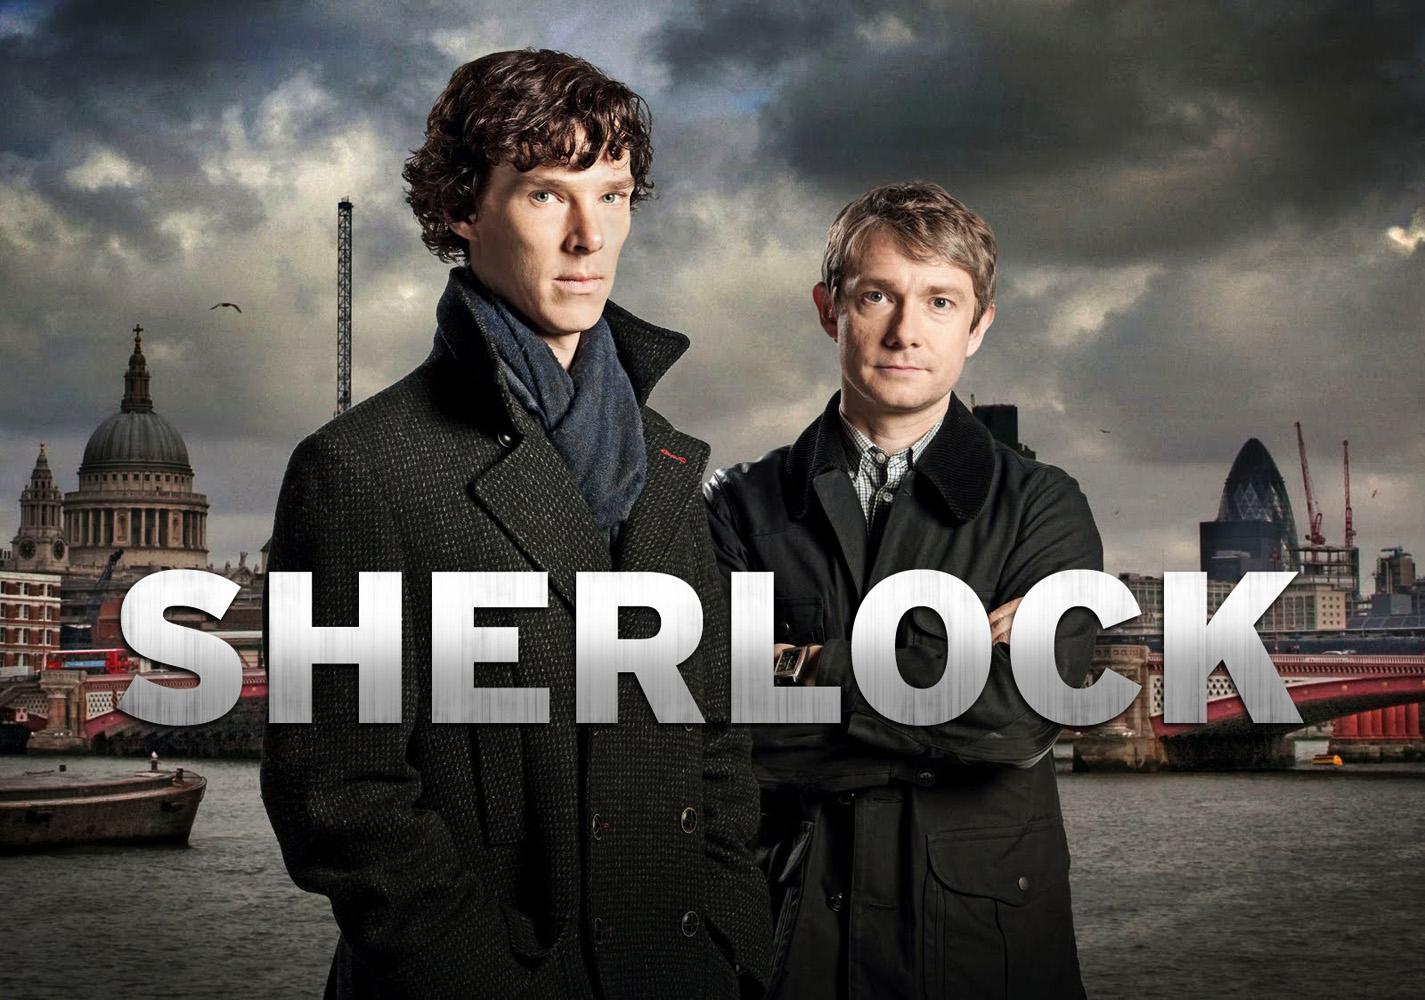 http://3.bp.blogspot.com/-JyRhMvxMrZw/UKy-vjyLWbI/AAAAAAAAGRU/liJTUIXorFU/s1600/Sherlock-TV-Episode-HD-Wallpaper_Vvallpaper.Net.jpg